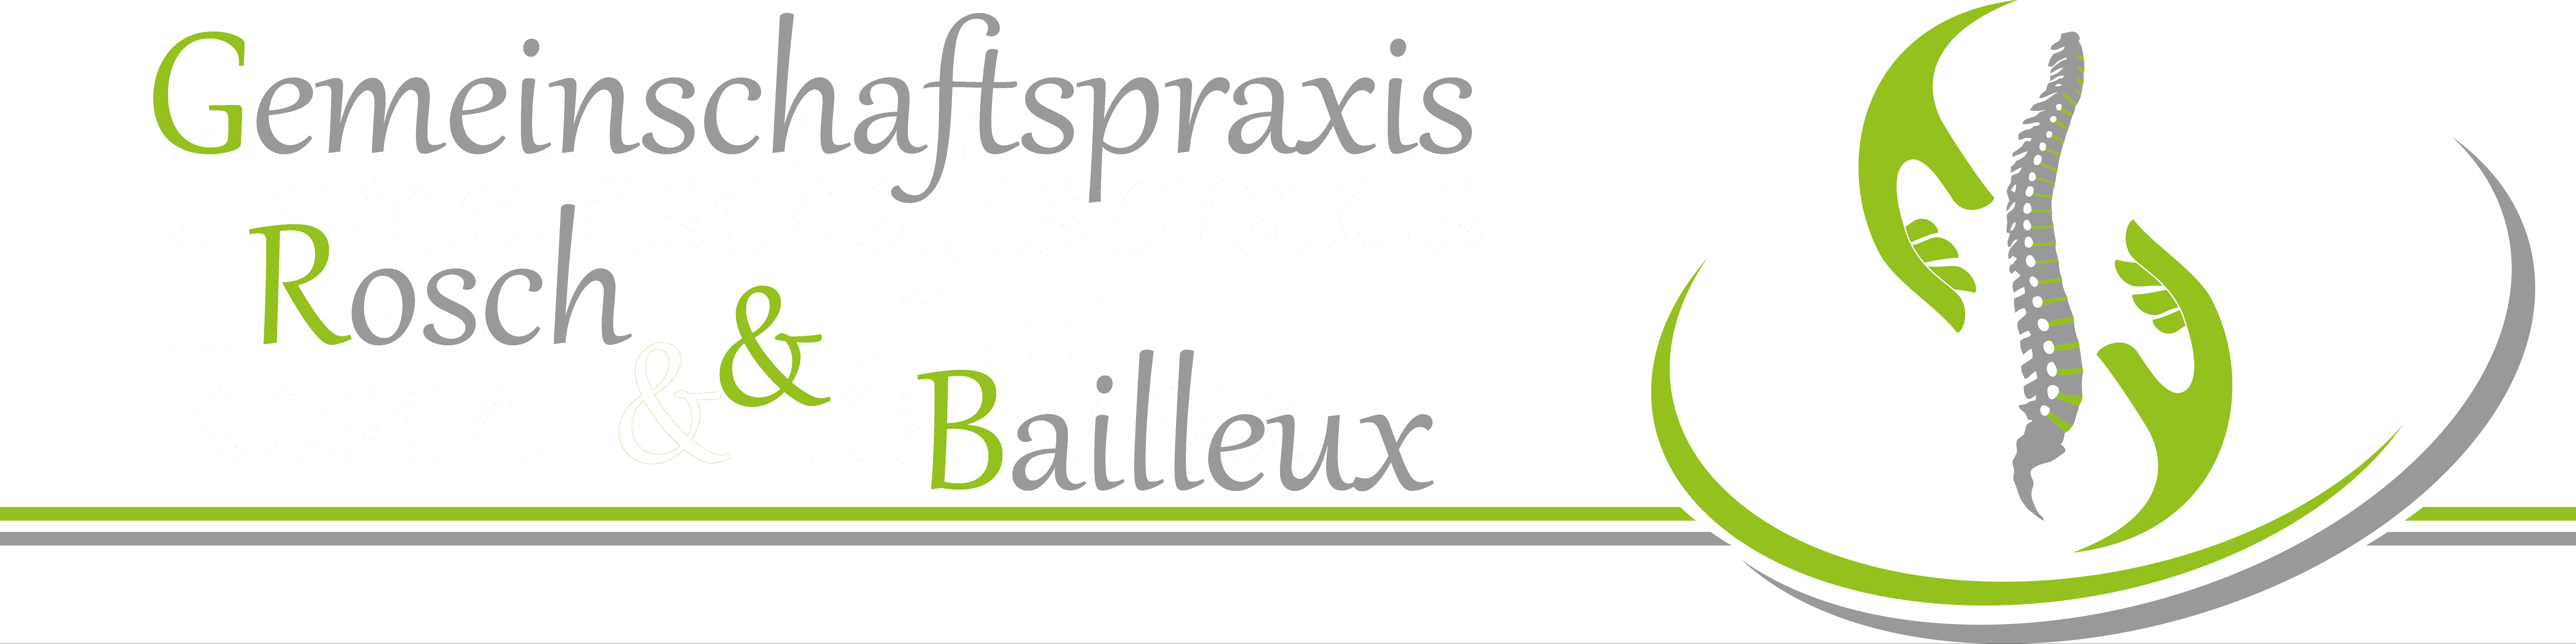 Gemeinschaftspraxis Rosch & Bailleux